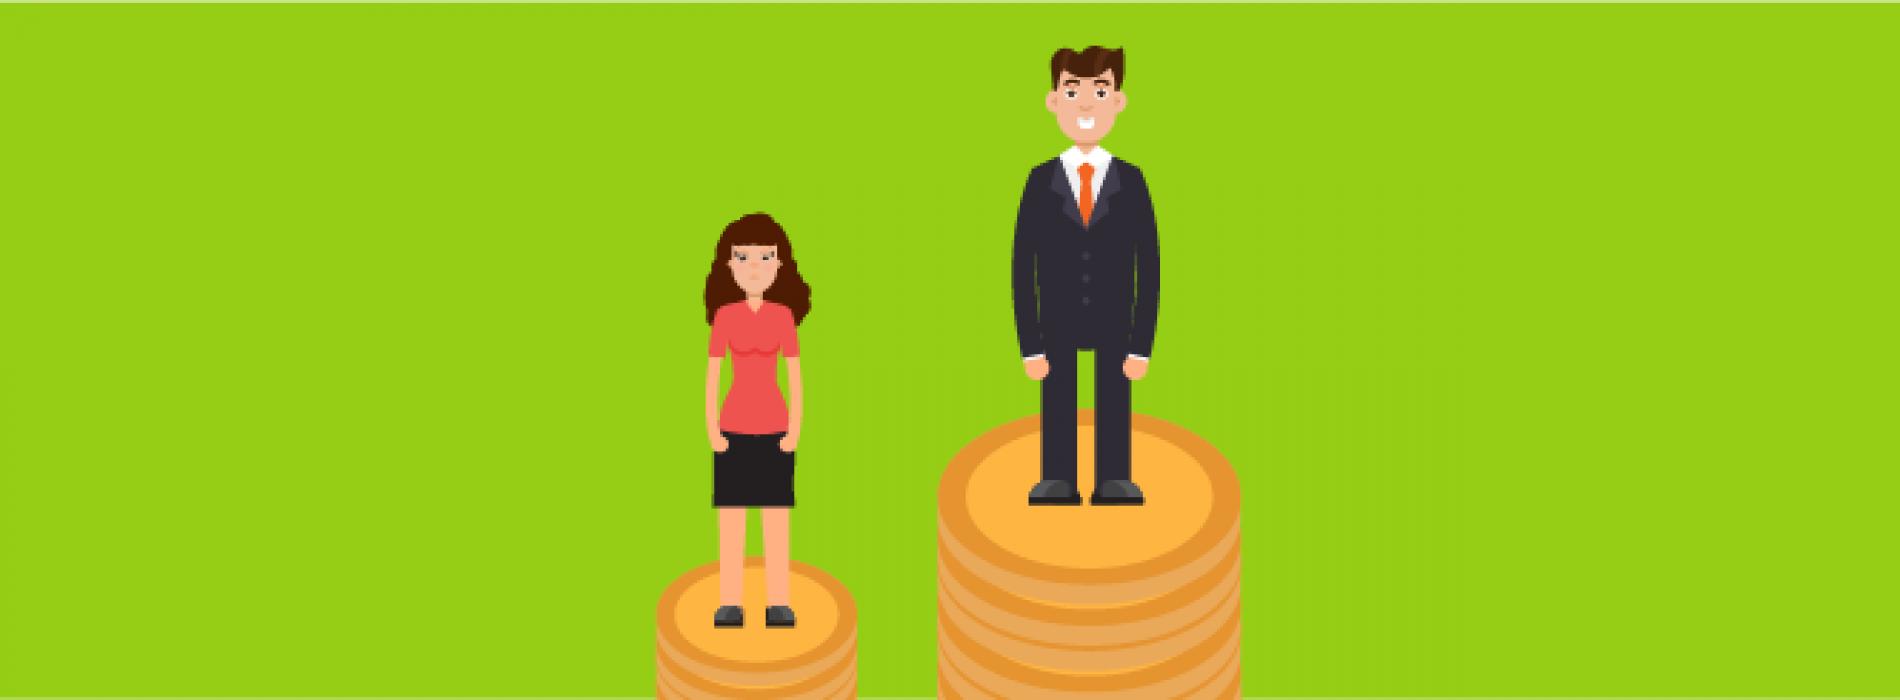 Само 6% от работещите жени са сред най-добре платените служители